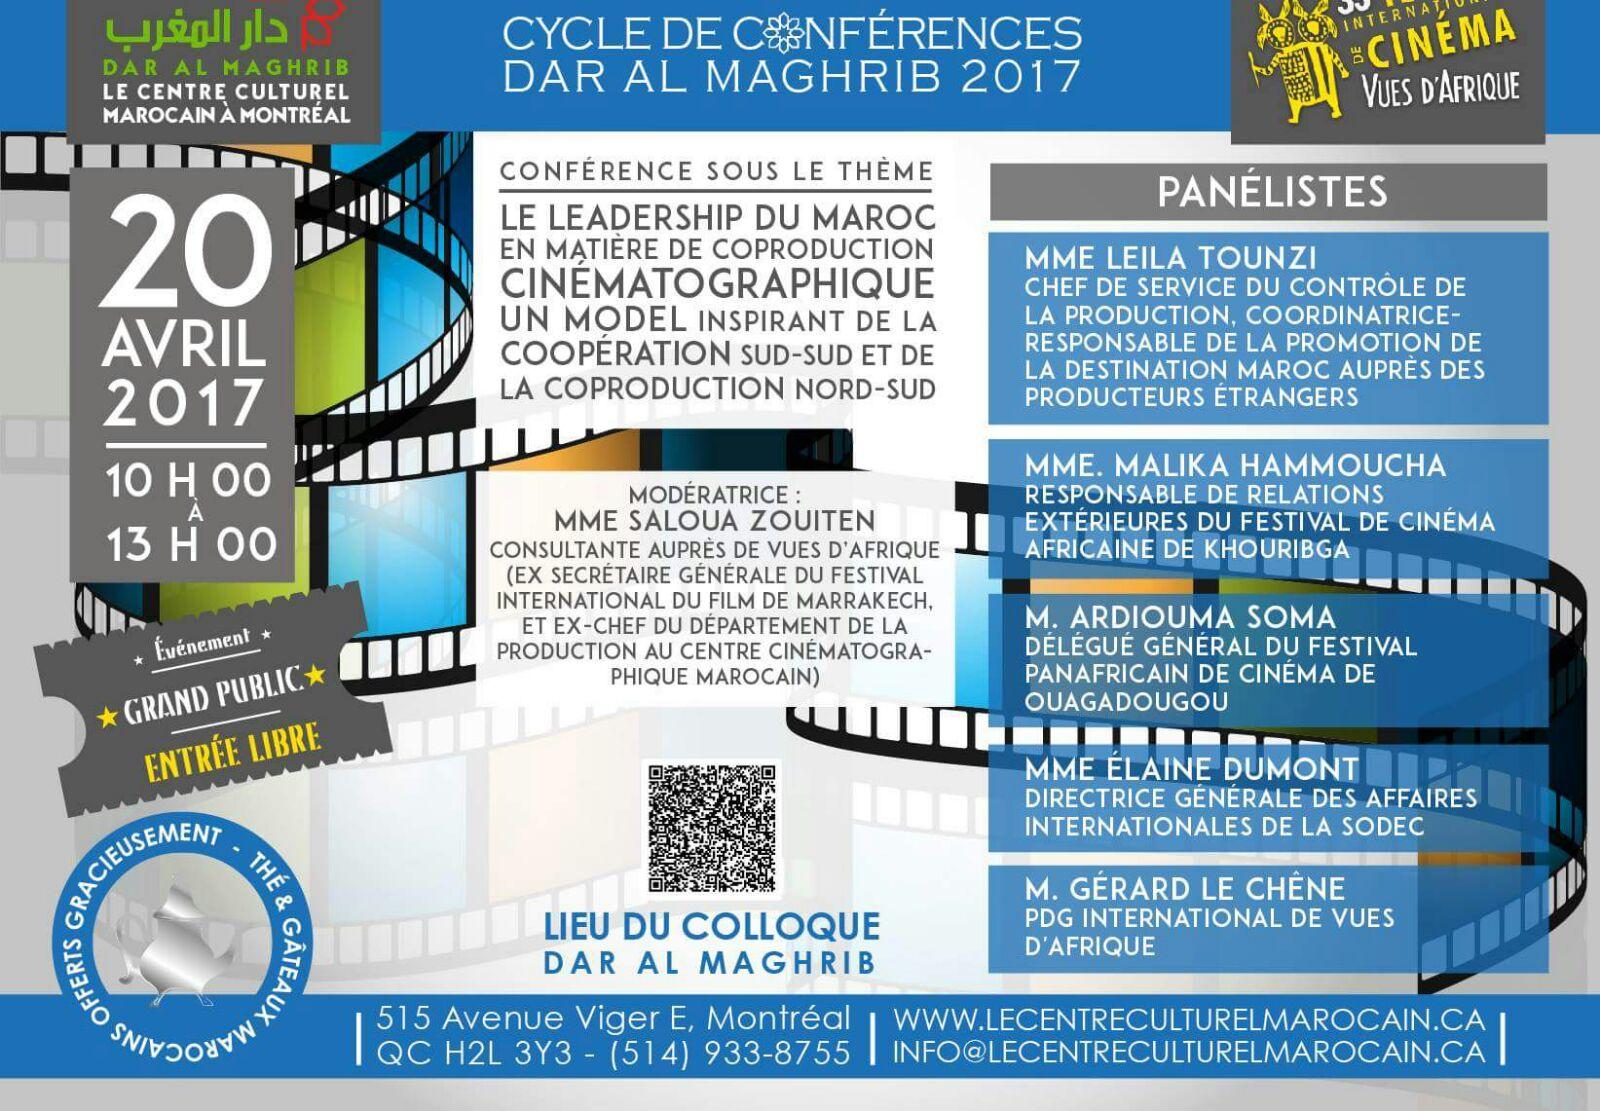 Le leadership du Maroc en matière de coproduction cinématographique, un modèle inspirant de la coopération sud-sud, et la coproduction nord-sud